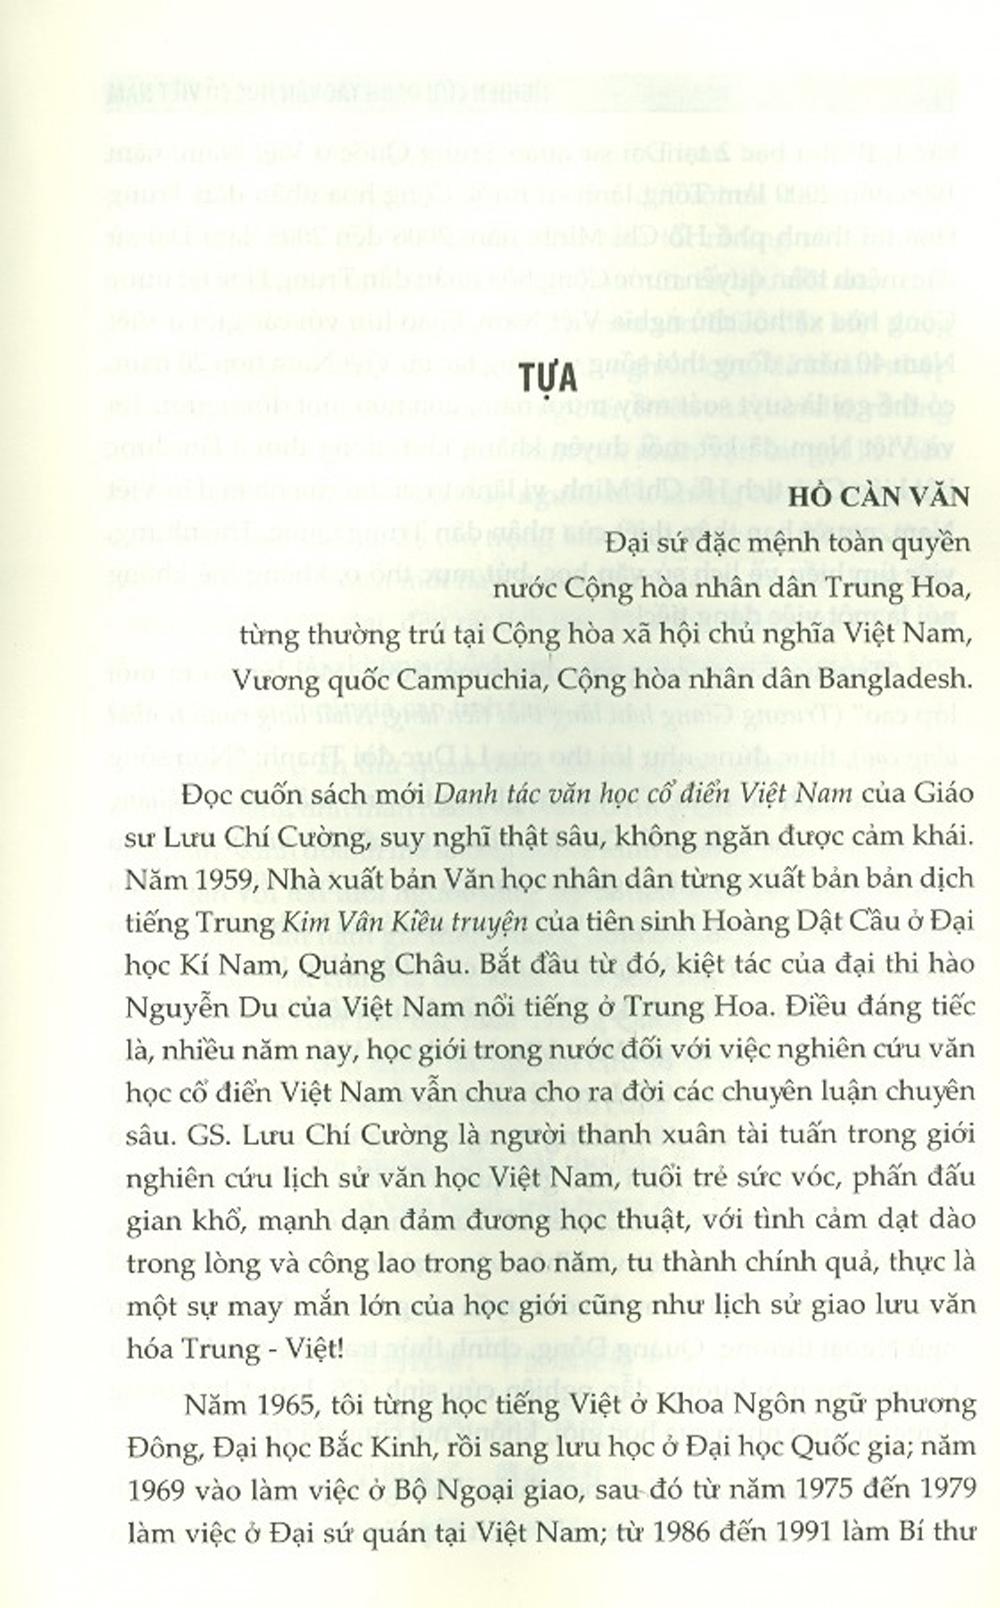 Nghiên Cứu Danh Tác Văn Học Cổ Điển Việt Nam